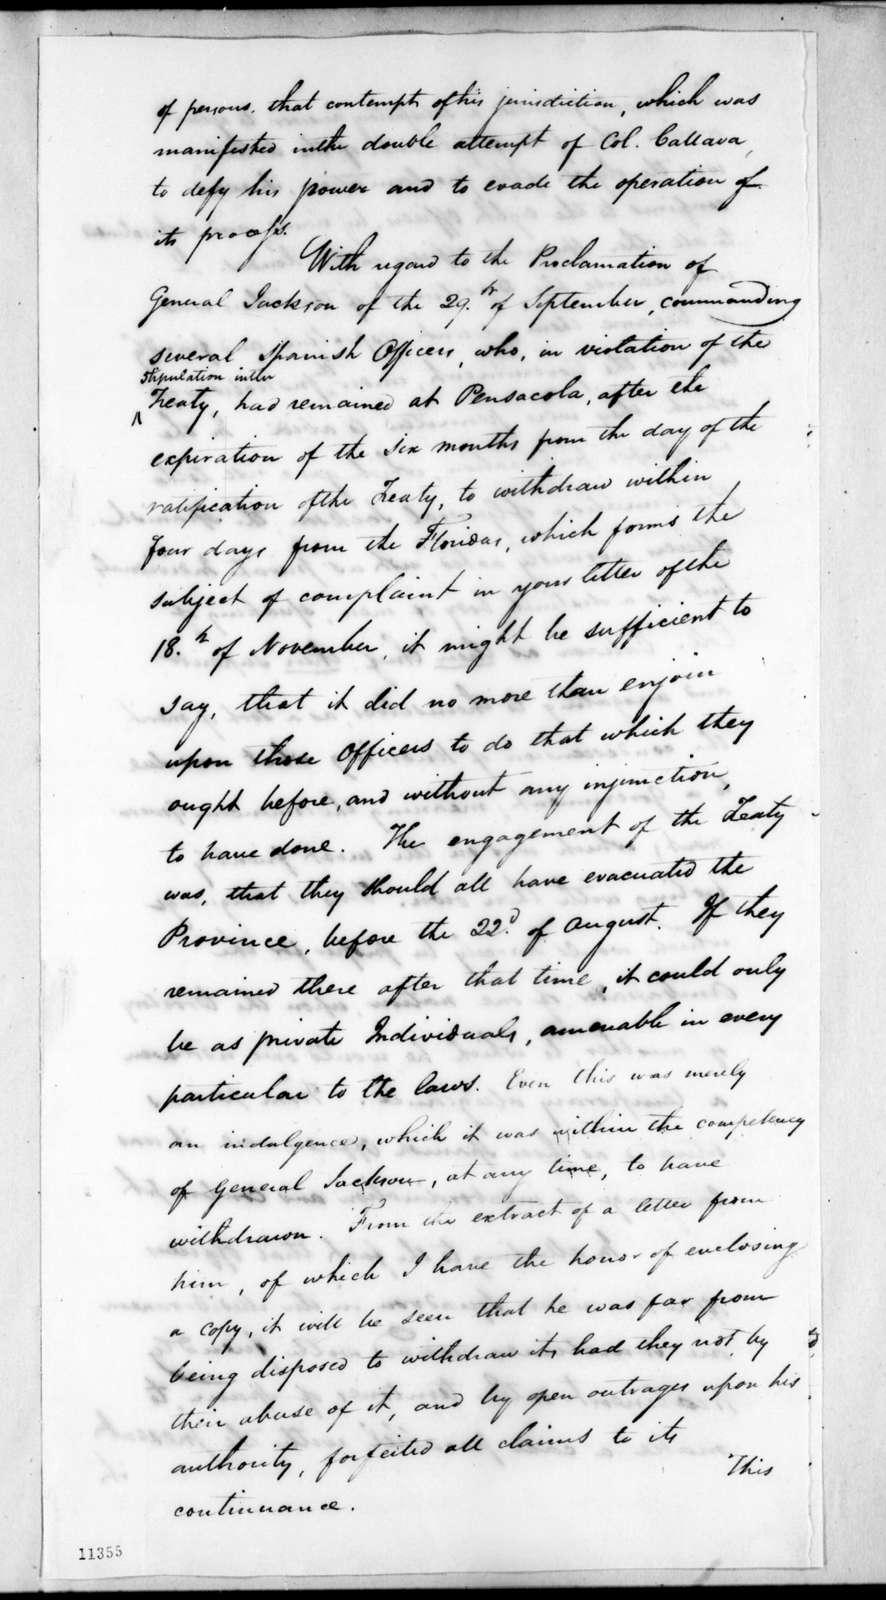 John Quincy Adams to Joaquin de Anduaga, April 15, 1822